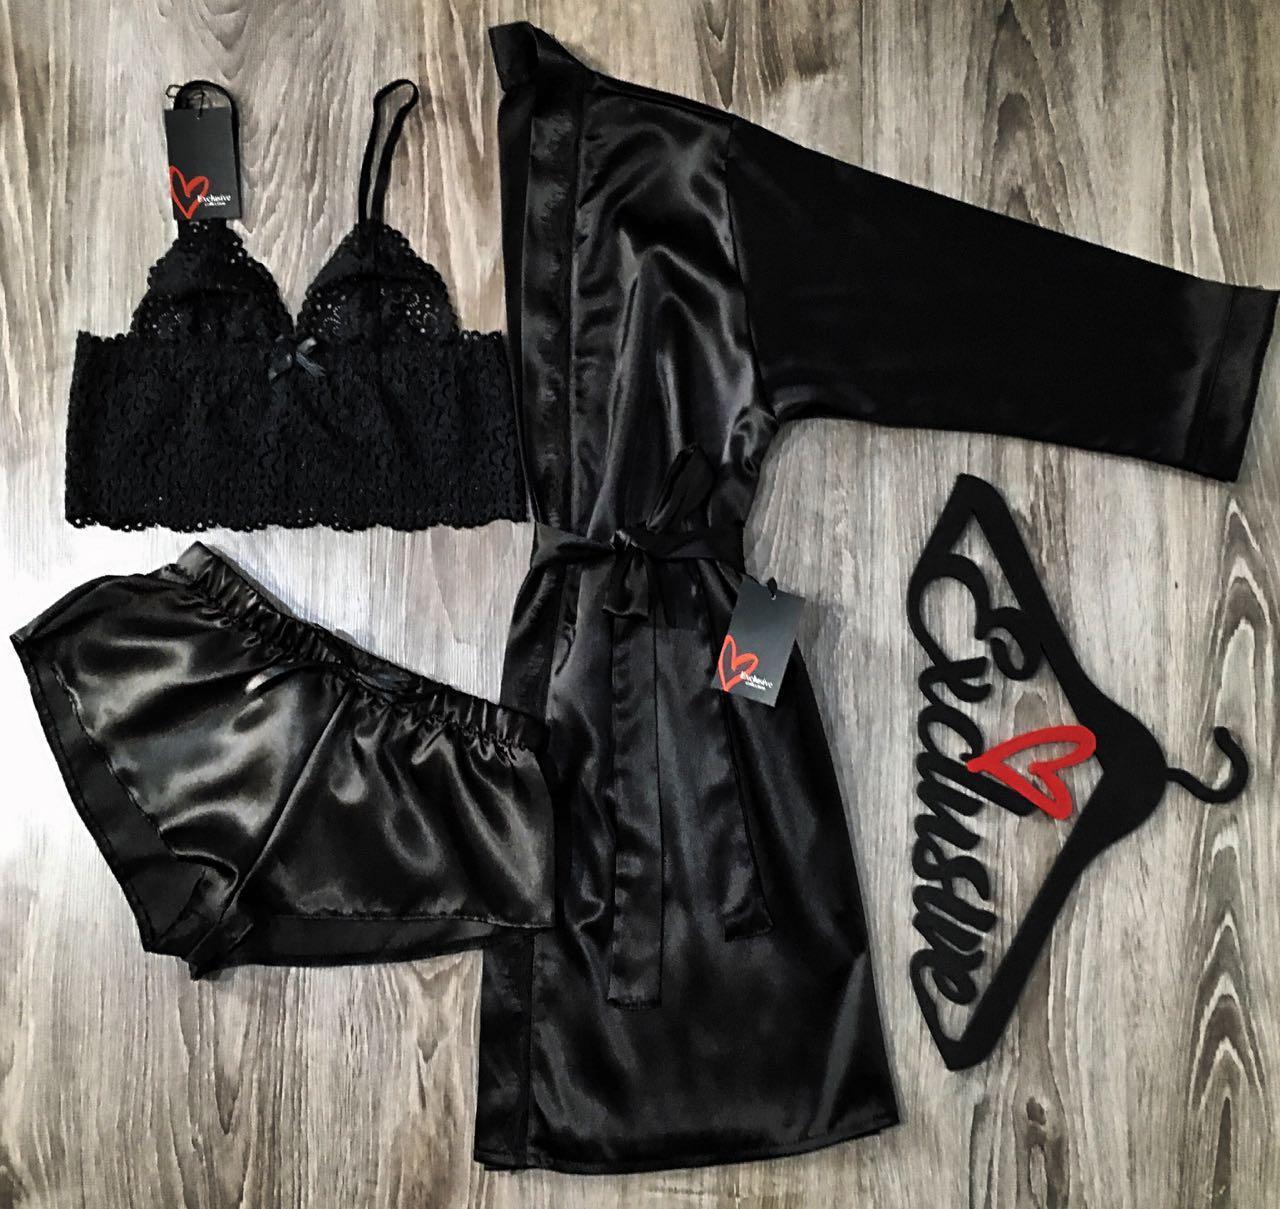 Чорний атласний набір для дому та сну, халат з мереживом бралетт шорти